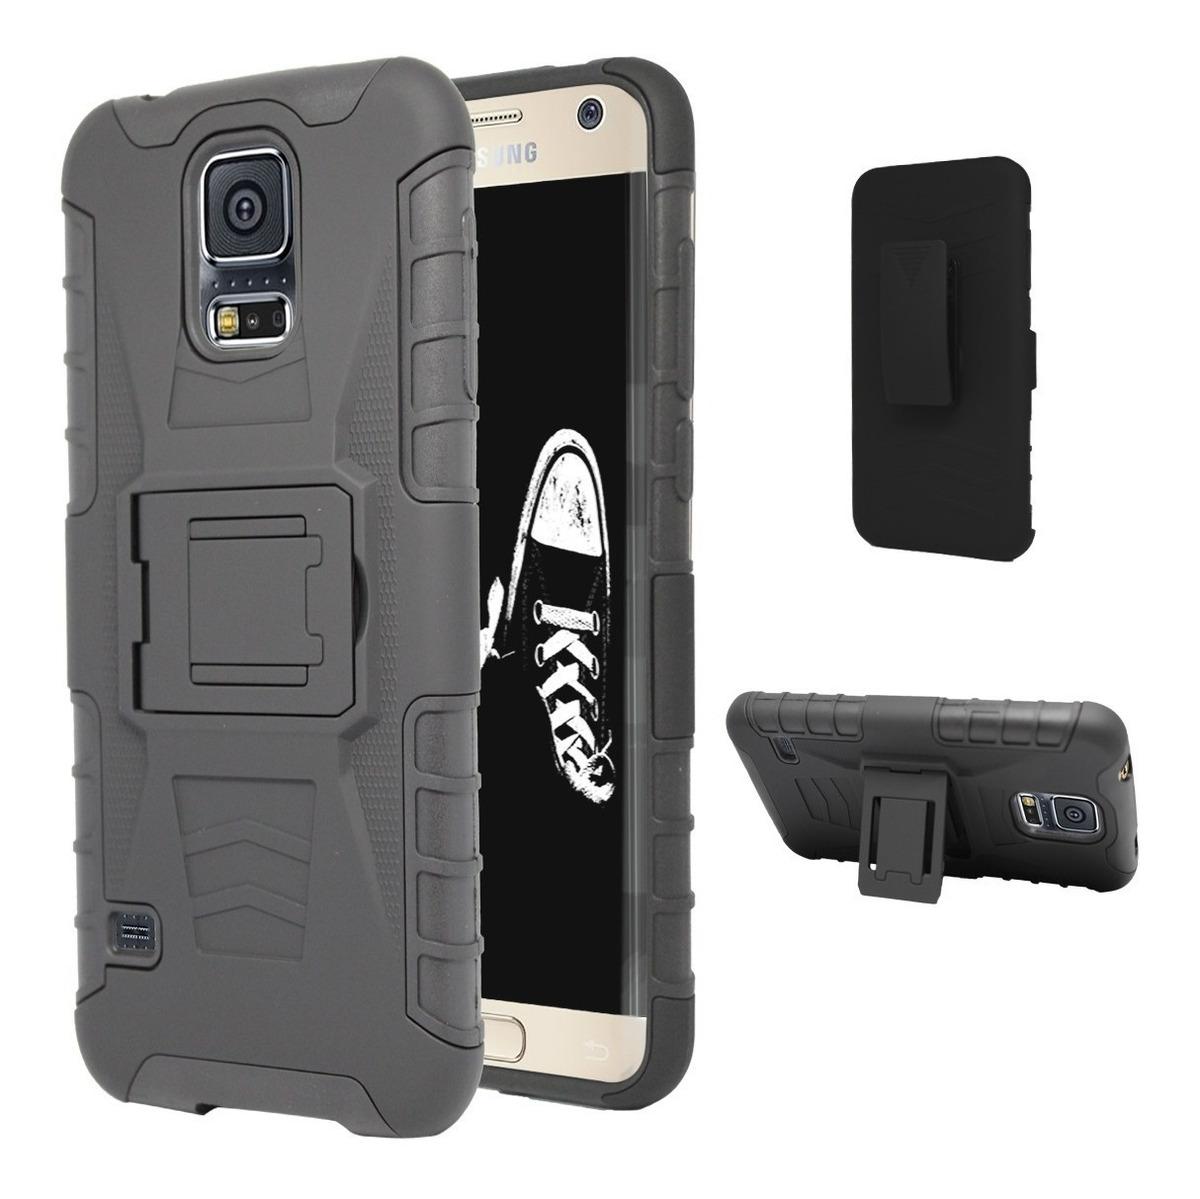 4f2cffdb8da Funda Clip Uso Rudo Galaxy S5 S6 S7 S8 S9 S10 Lite Edge Plus ...